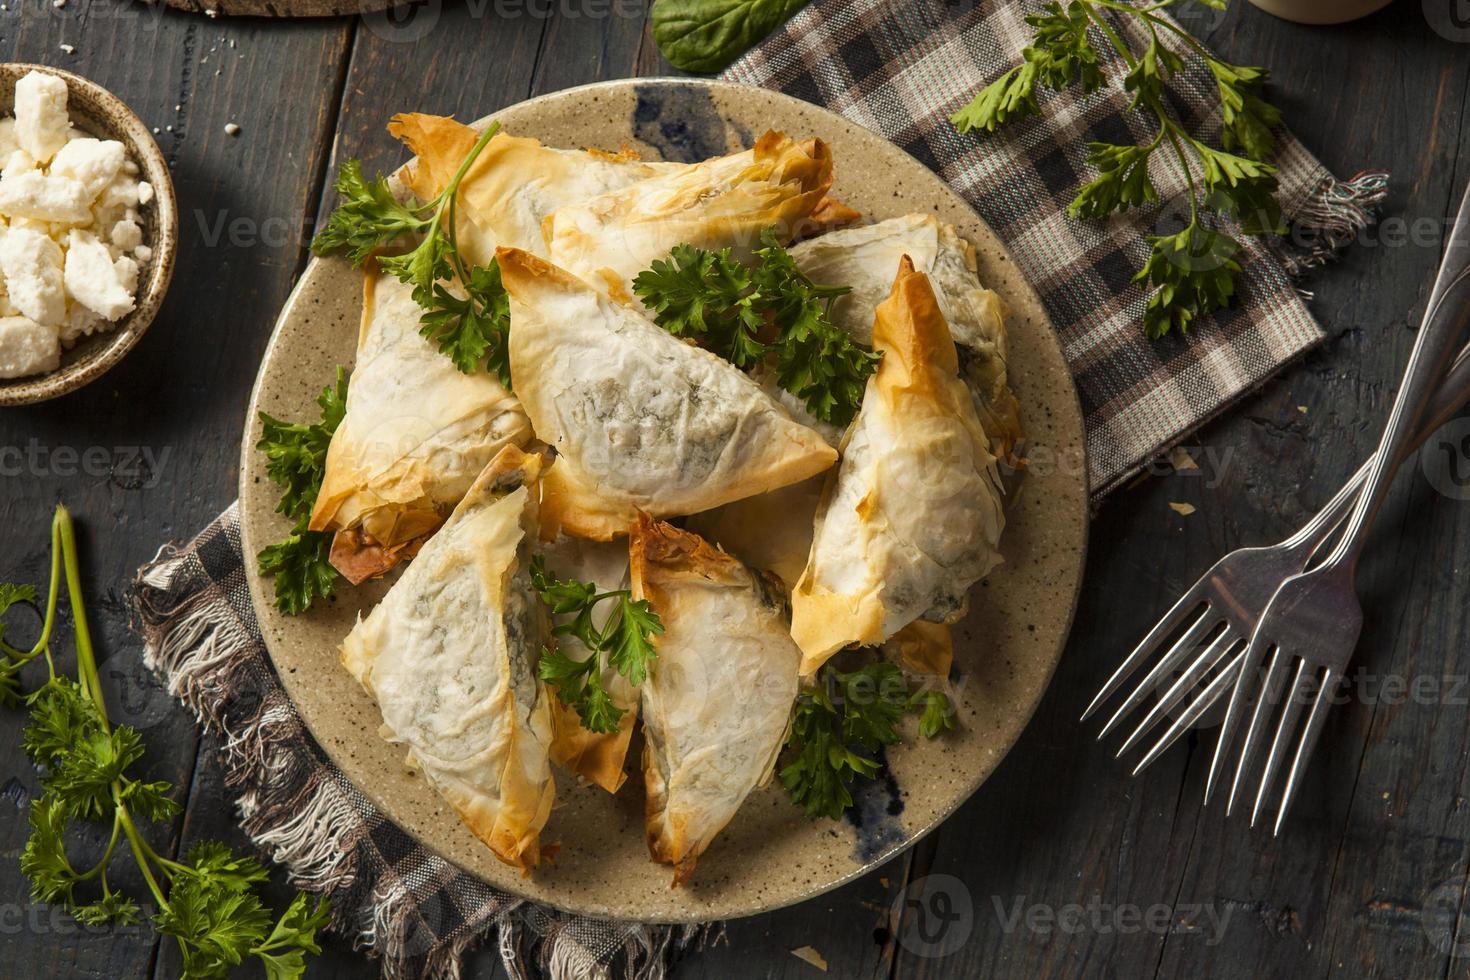 pastelaria spanakopita grega caseira foto